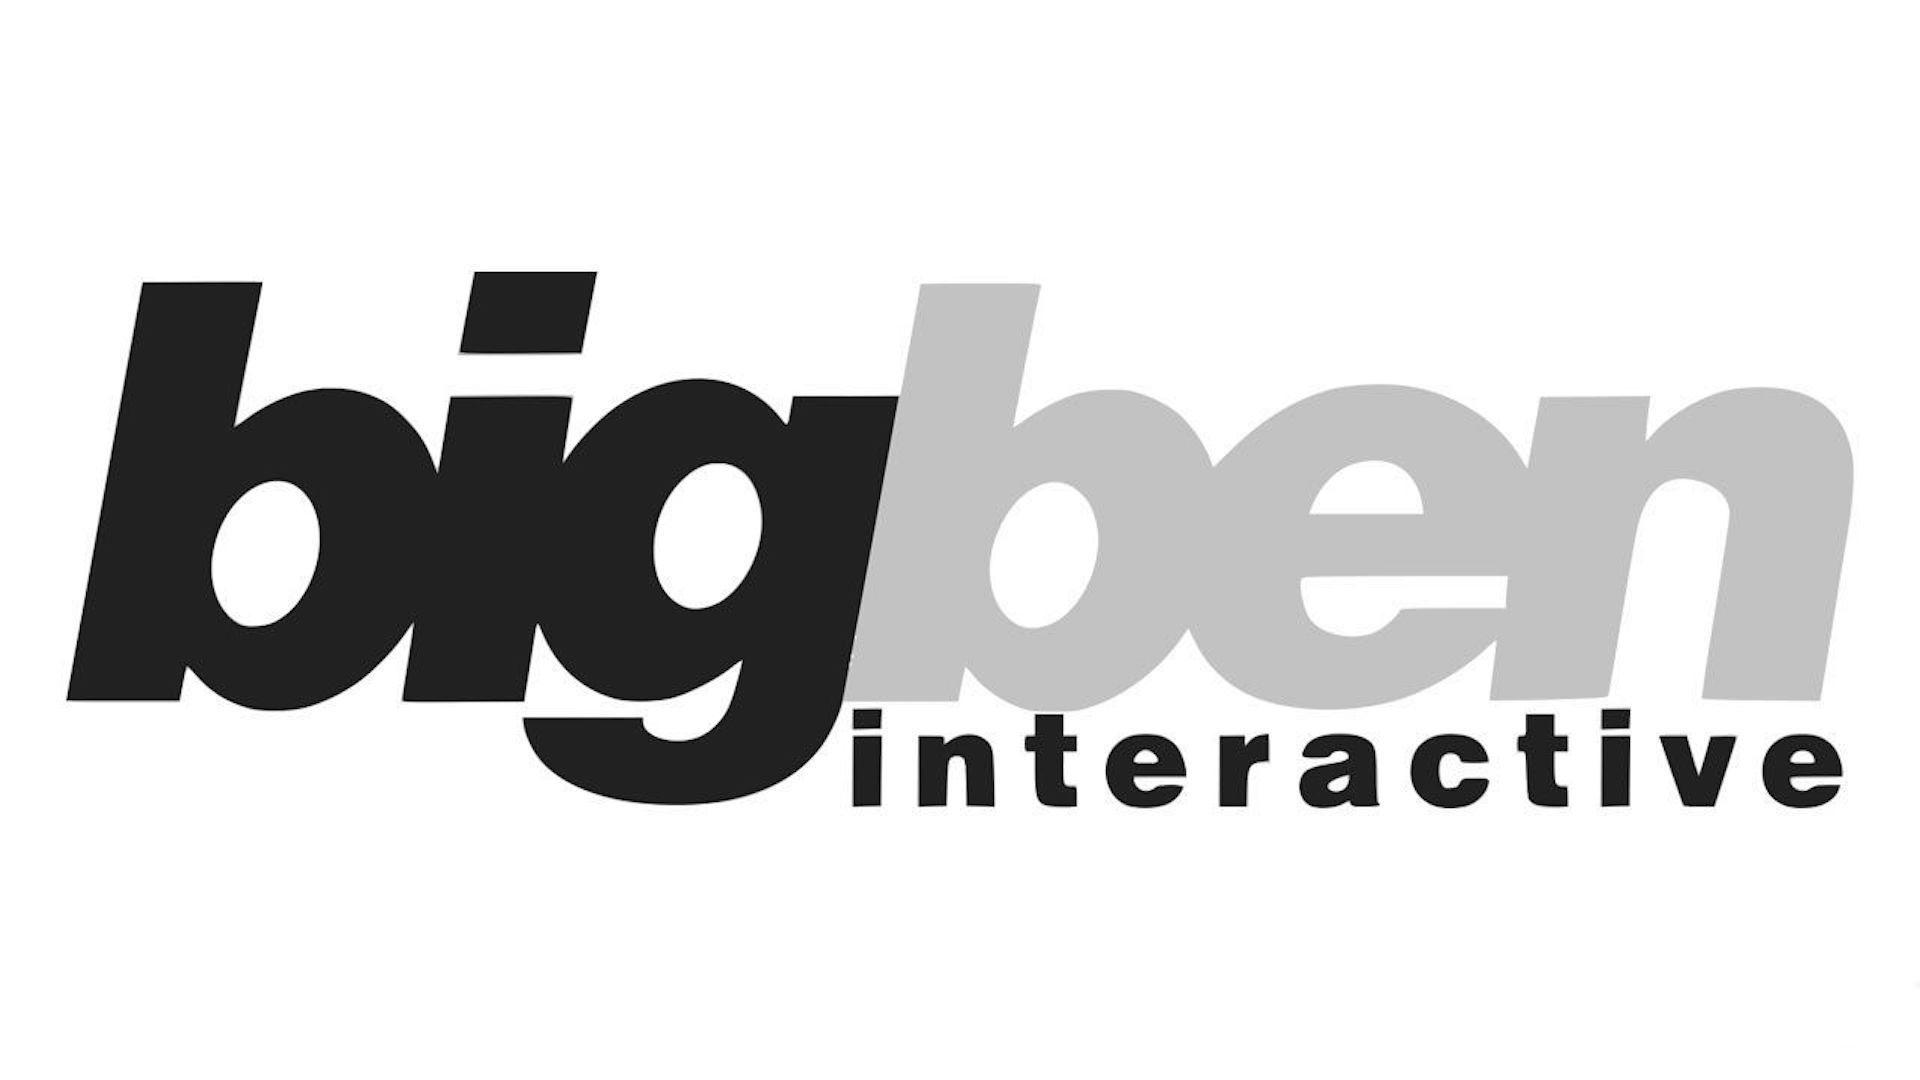 بیگبن اینتراکتیو قصد دارد استودیوهای بیشتری را خریداری کند